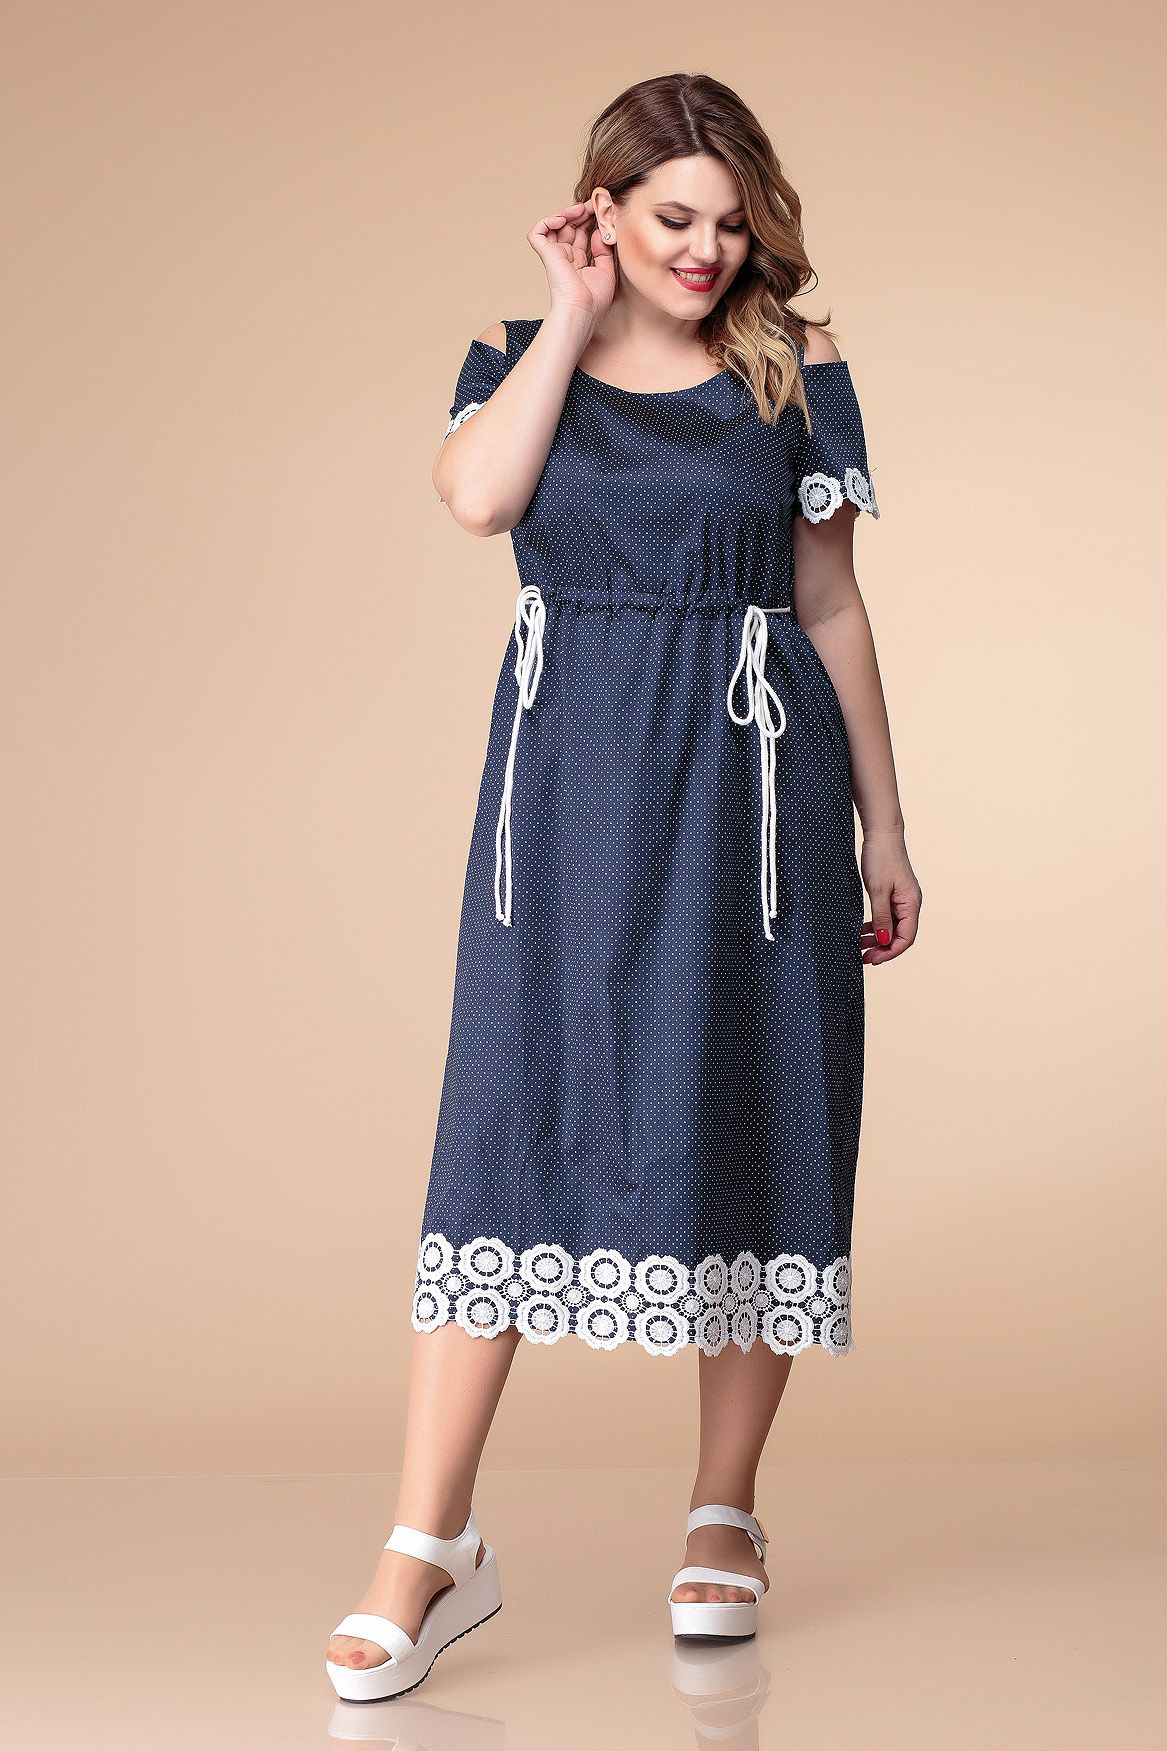 9e7f48e08ffe737 Летнее женское платье для повседневной носки, длинное легкое платье дизайн  с открытыми плечами, вечернее